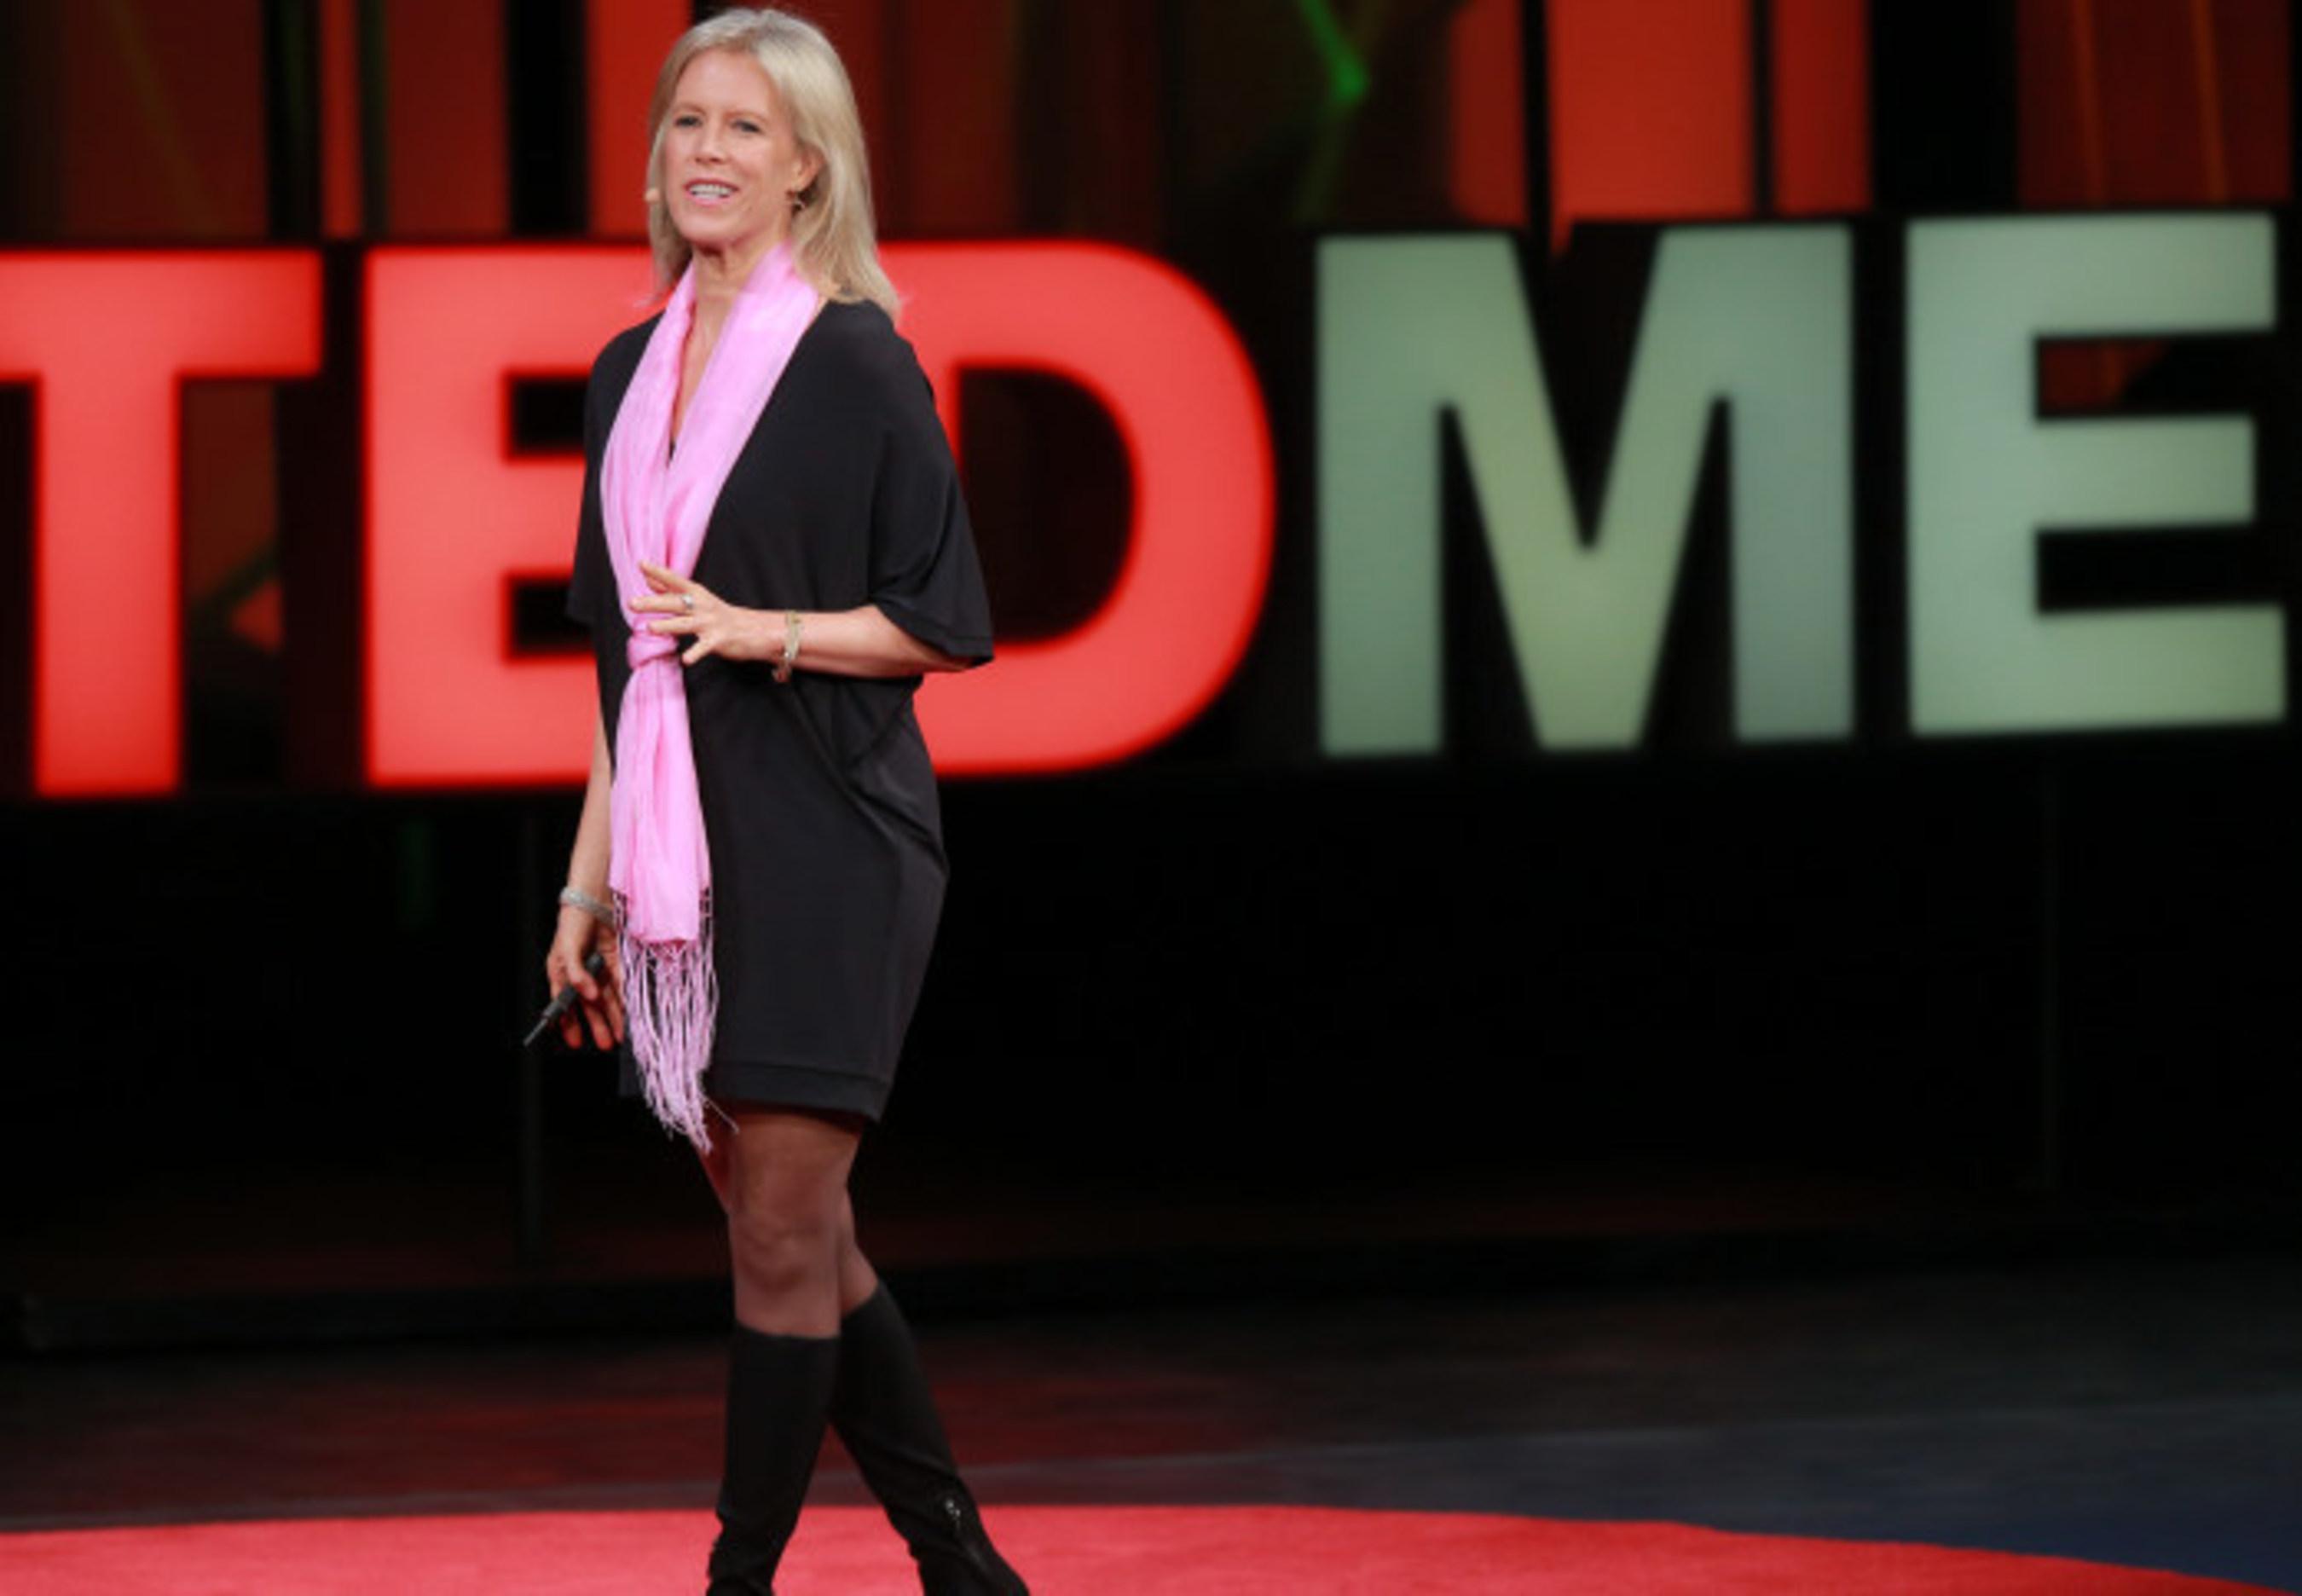 Leslie Morgan Steiner speaking at Ted Talks